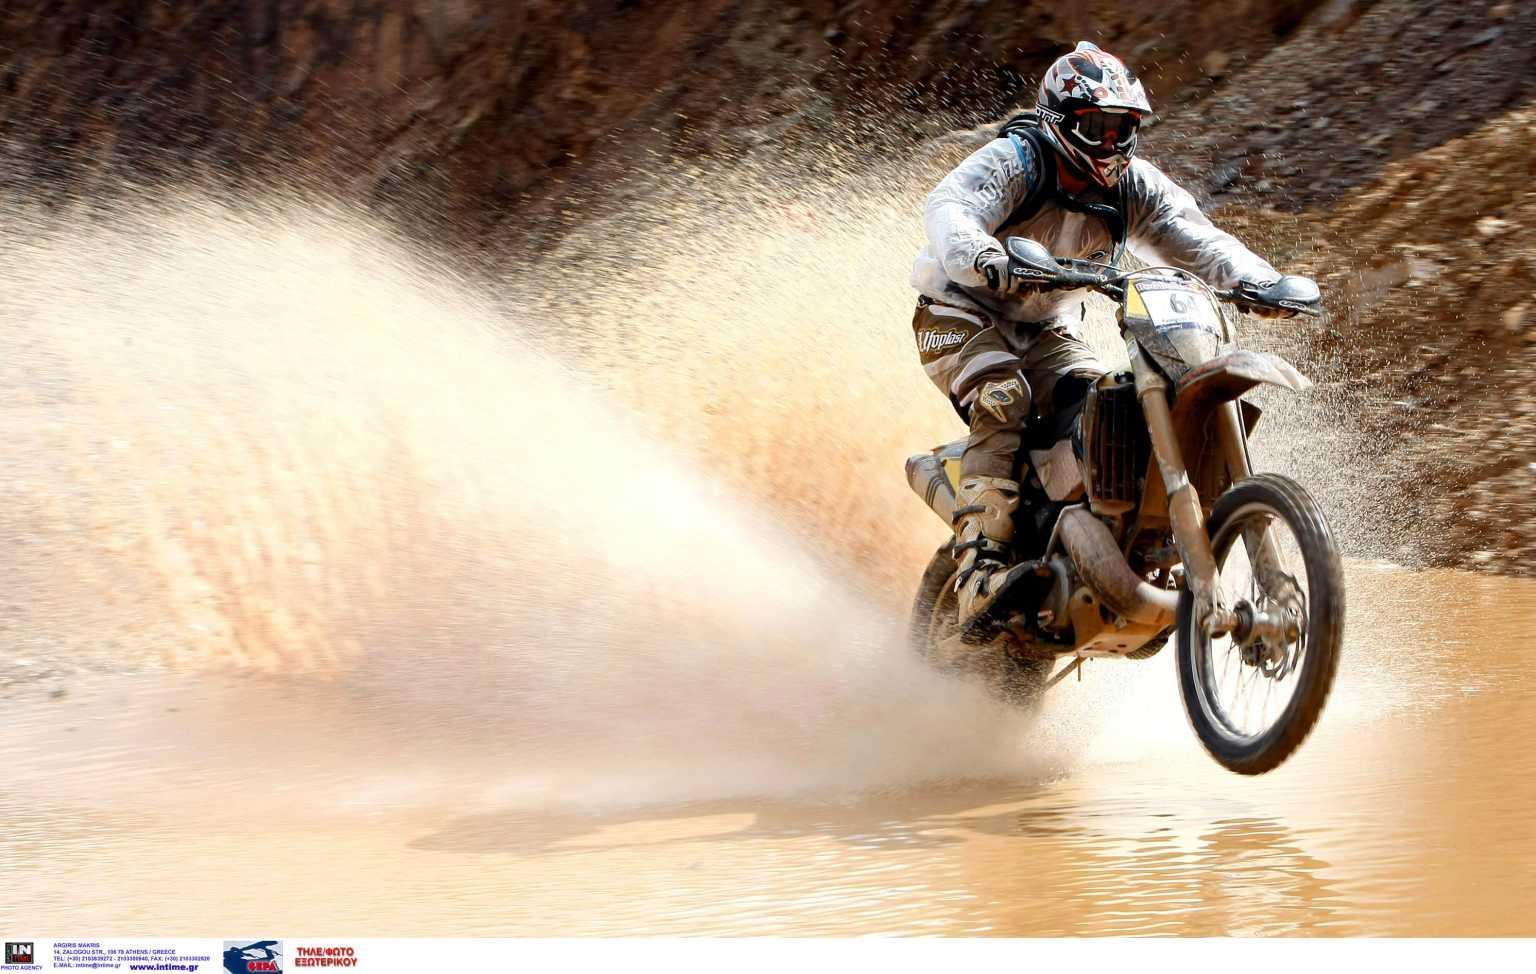 Γιαννιτσά: Ατύχημα σε πίστα Motocross με δύο σοβαρά τραυματίες – Διακόπηκε ο αγώνας